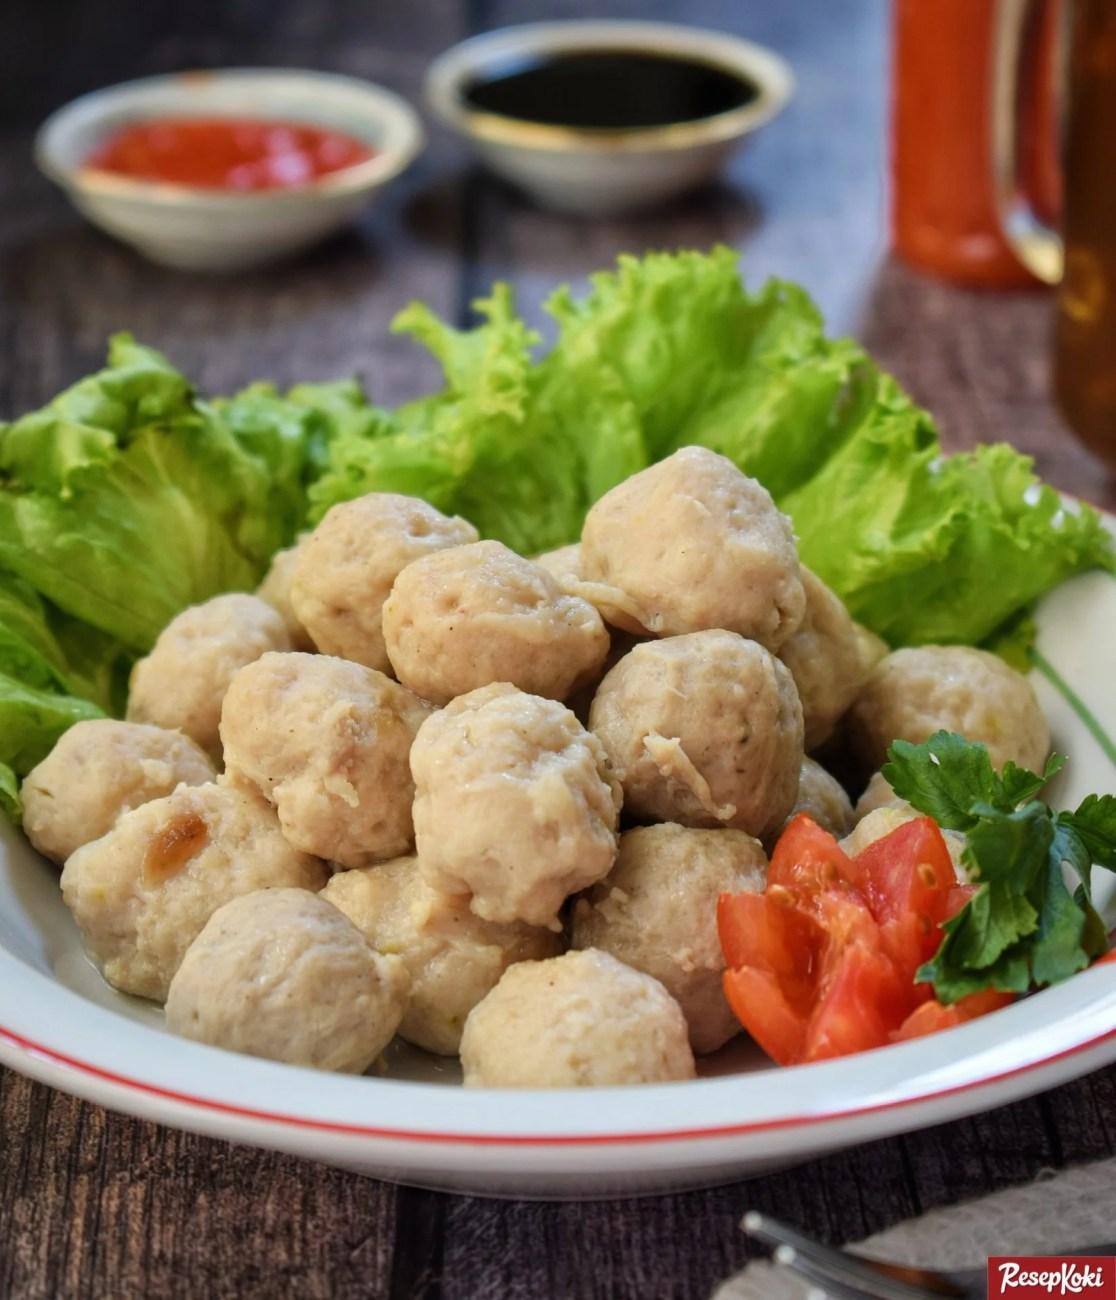 Resep Bakso Sapi (Pentol Daging Asli)